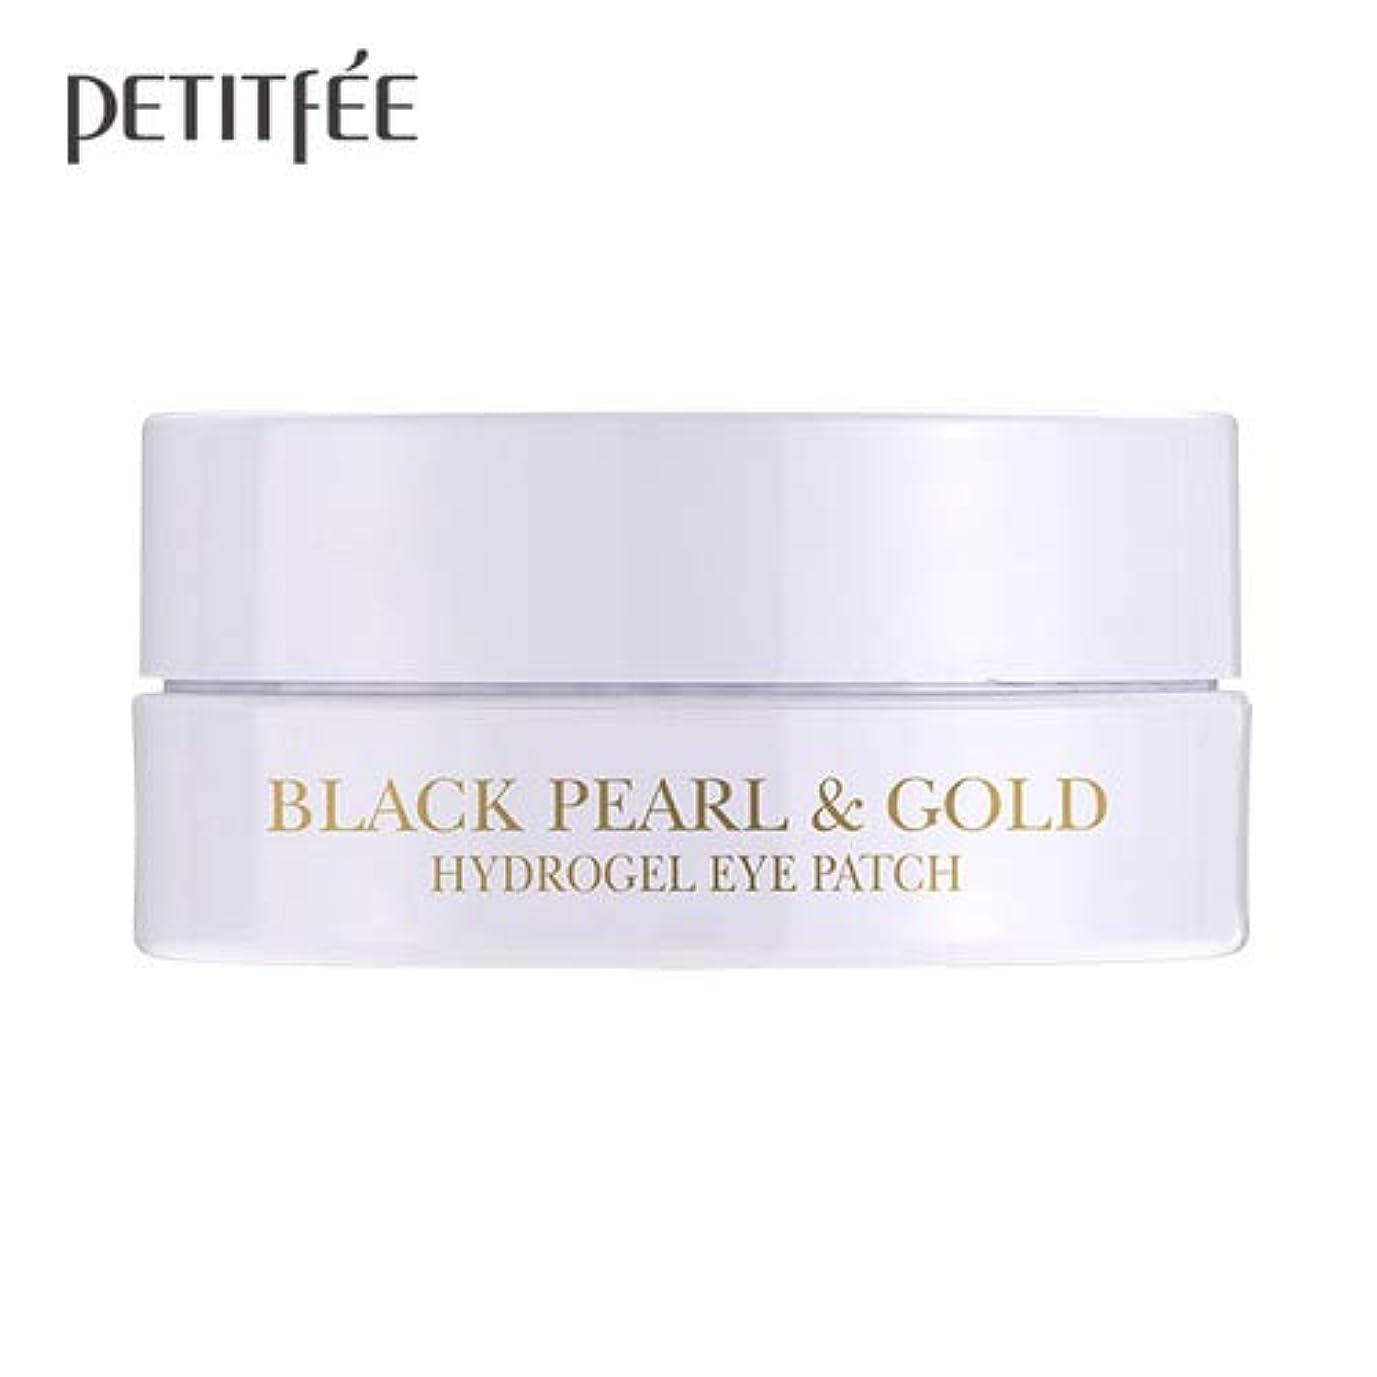 タンカーキャンセル等価Petitfee [プチフェ] ブラックパール&ゴールド ハイドロゲルアイパッチ / Black pearl & Gold Eye Patch (60枚)